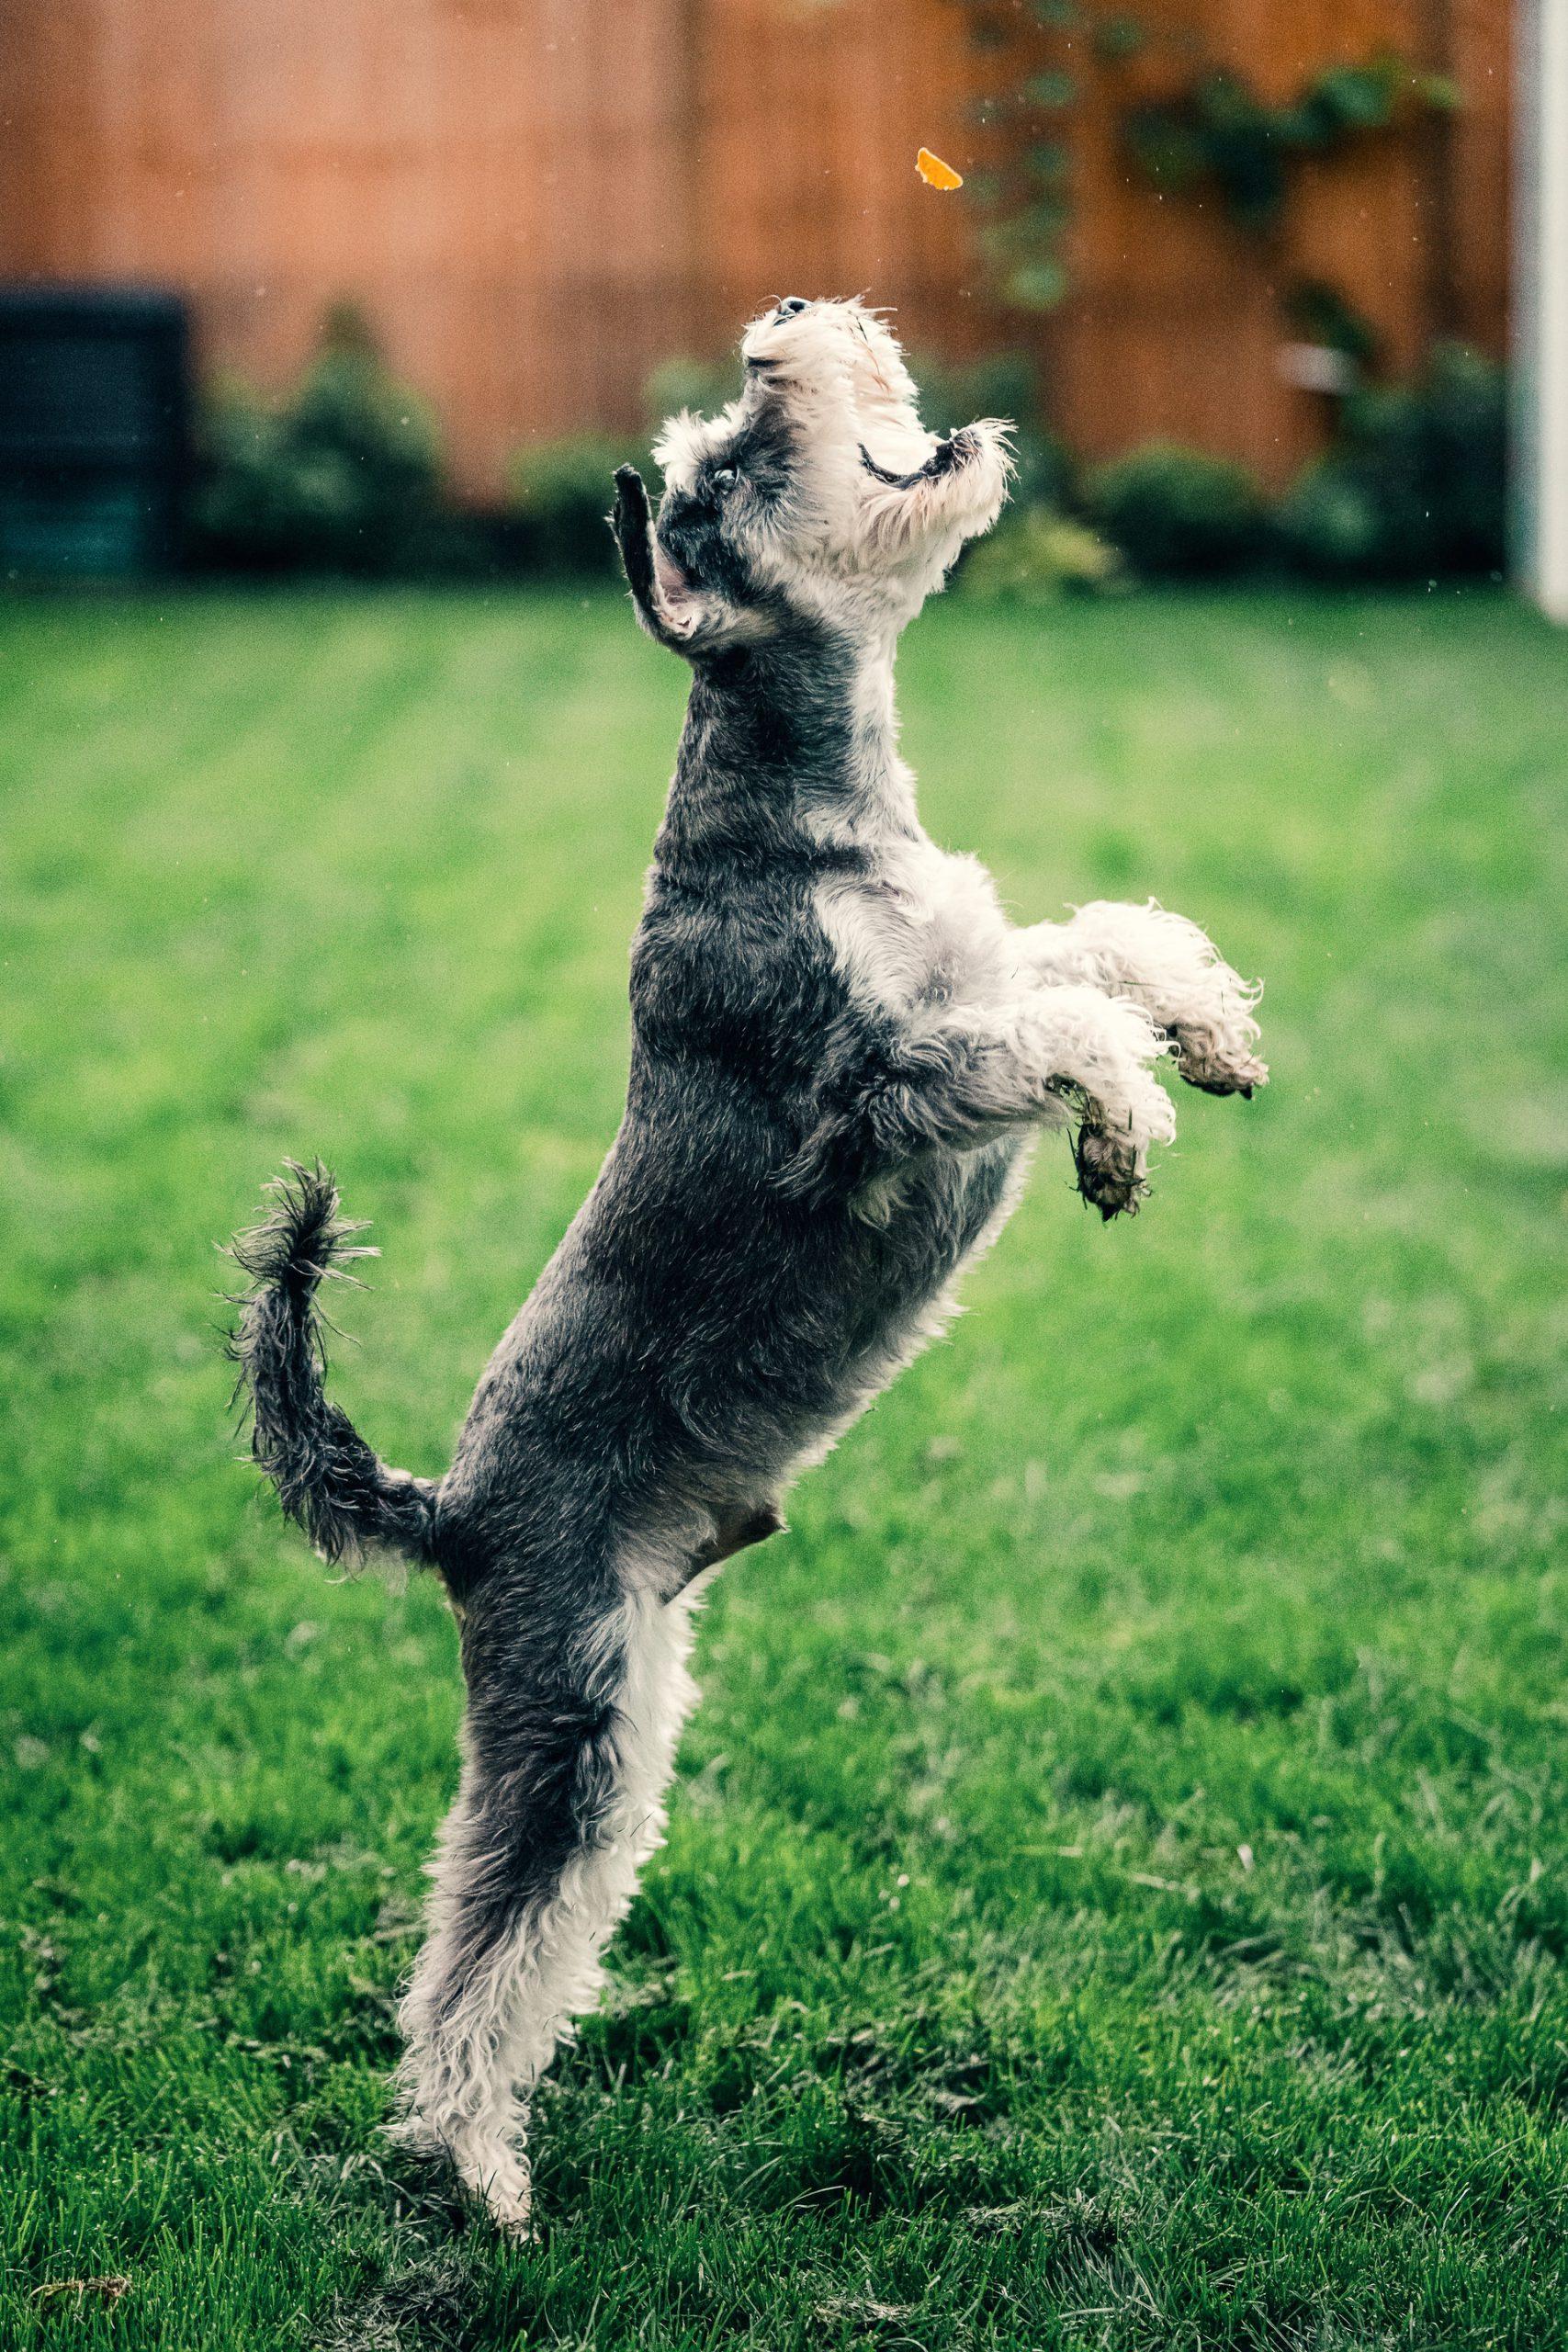 hond springt op en probeert hondenkoekje te vangen